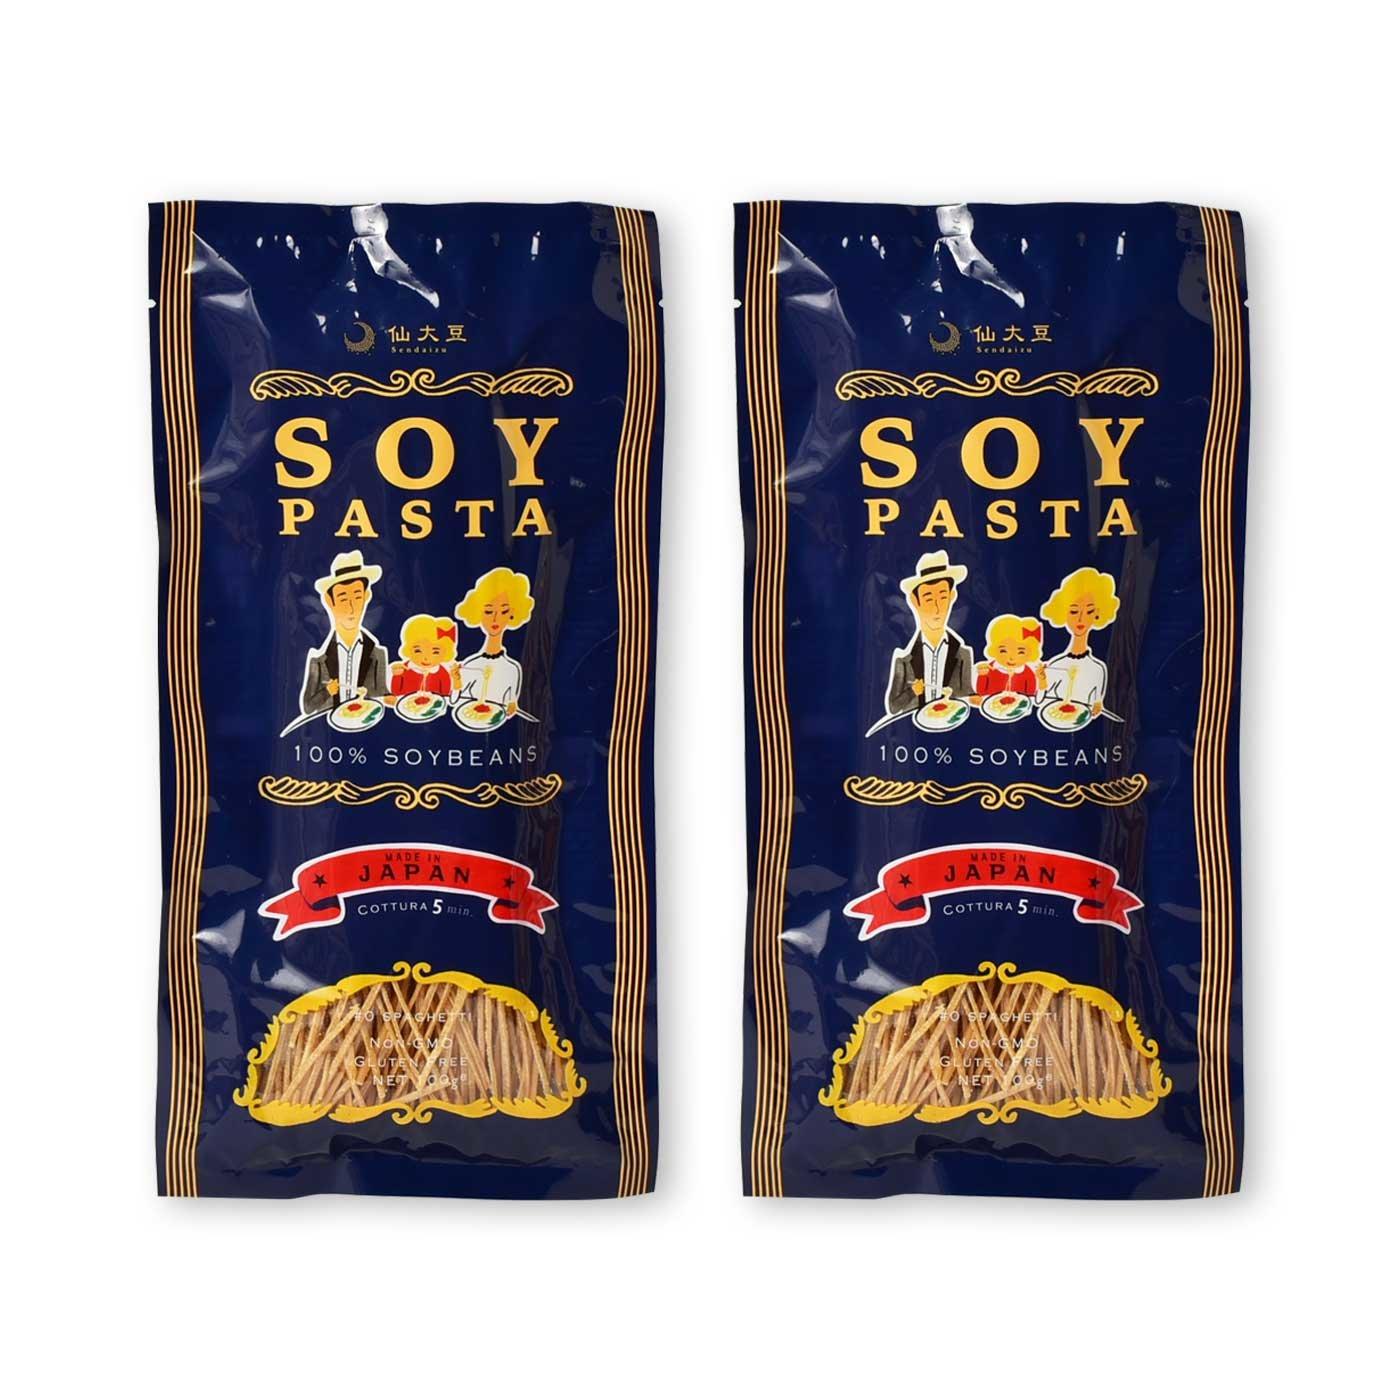 純農 糖質OFFの味方 パスタ好きさんのソイパスタ 2個セットの会